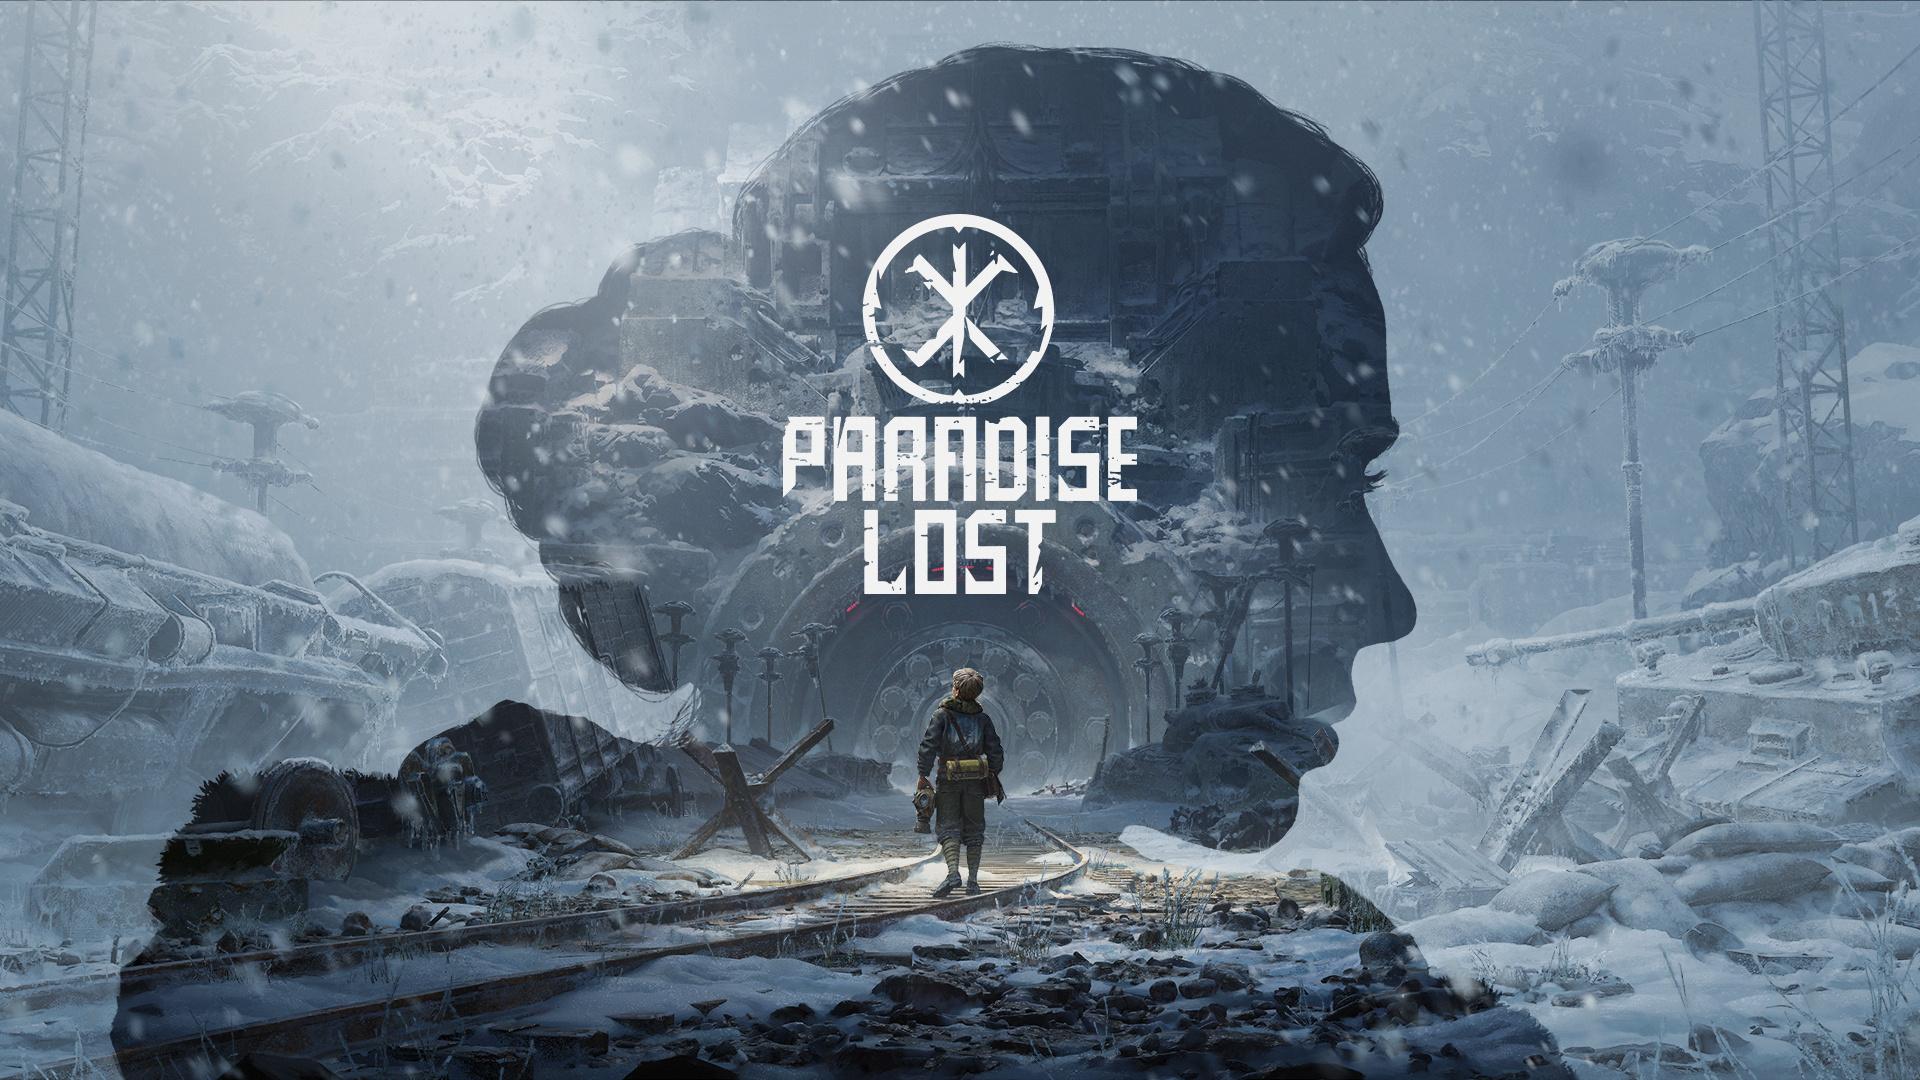 Ожившее прошлое и альтернативная история в новом геймплее Paradise Lost